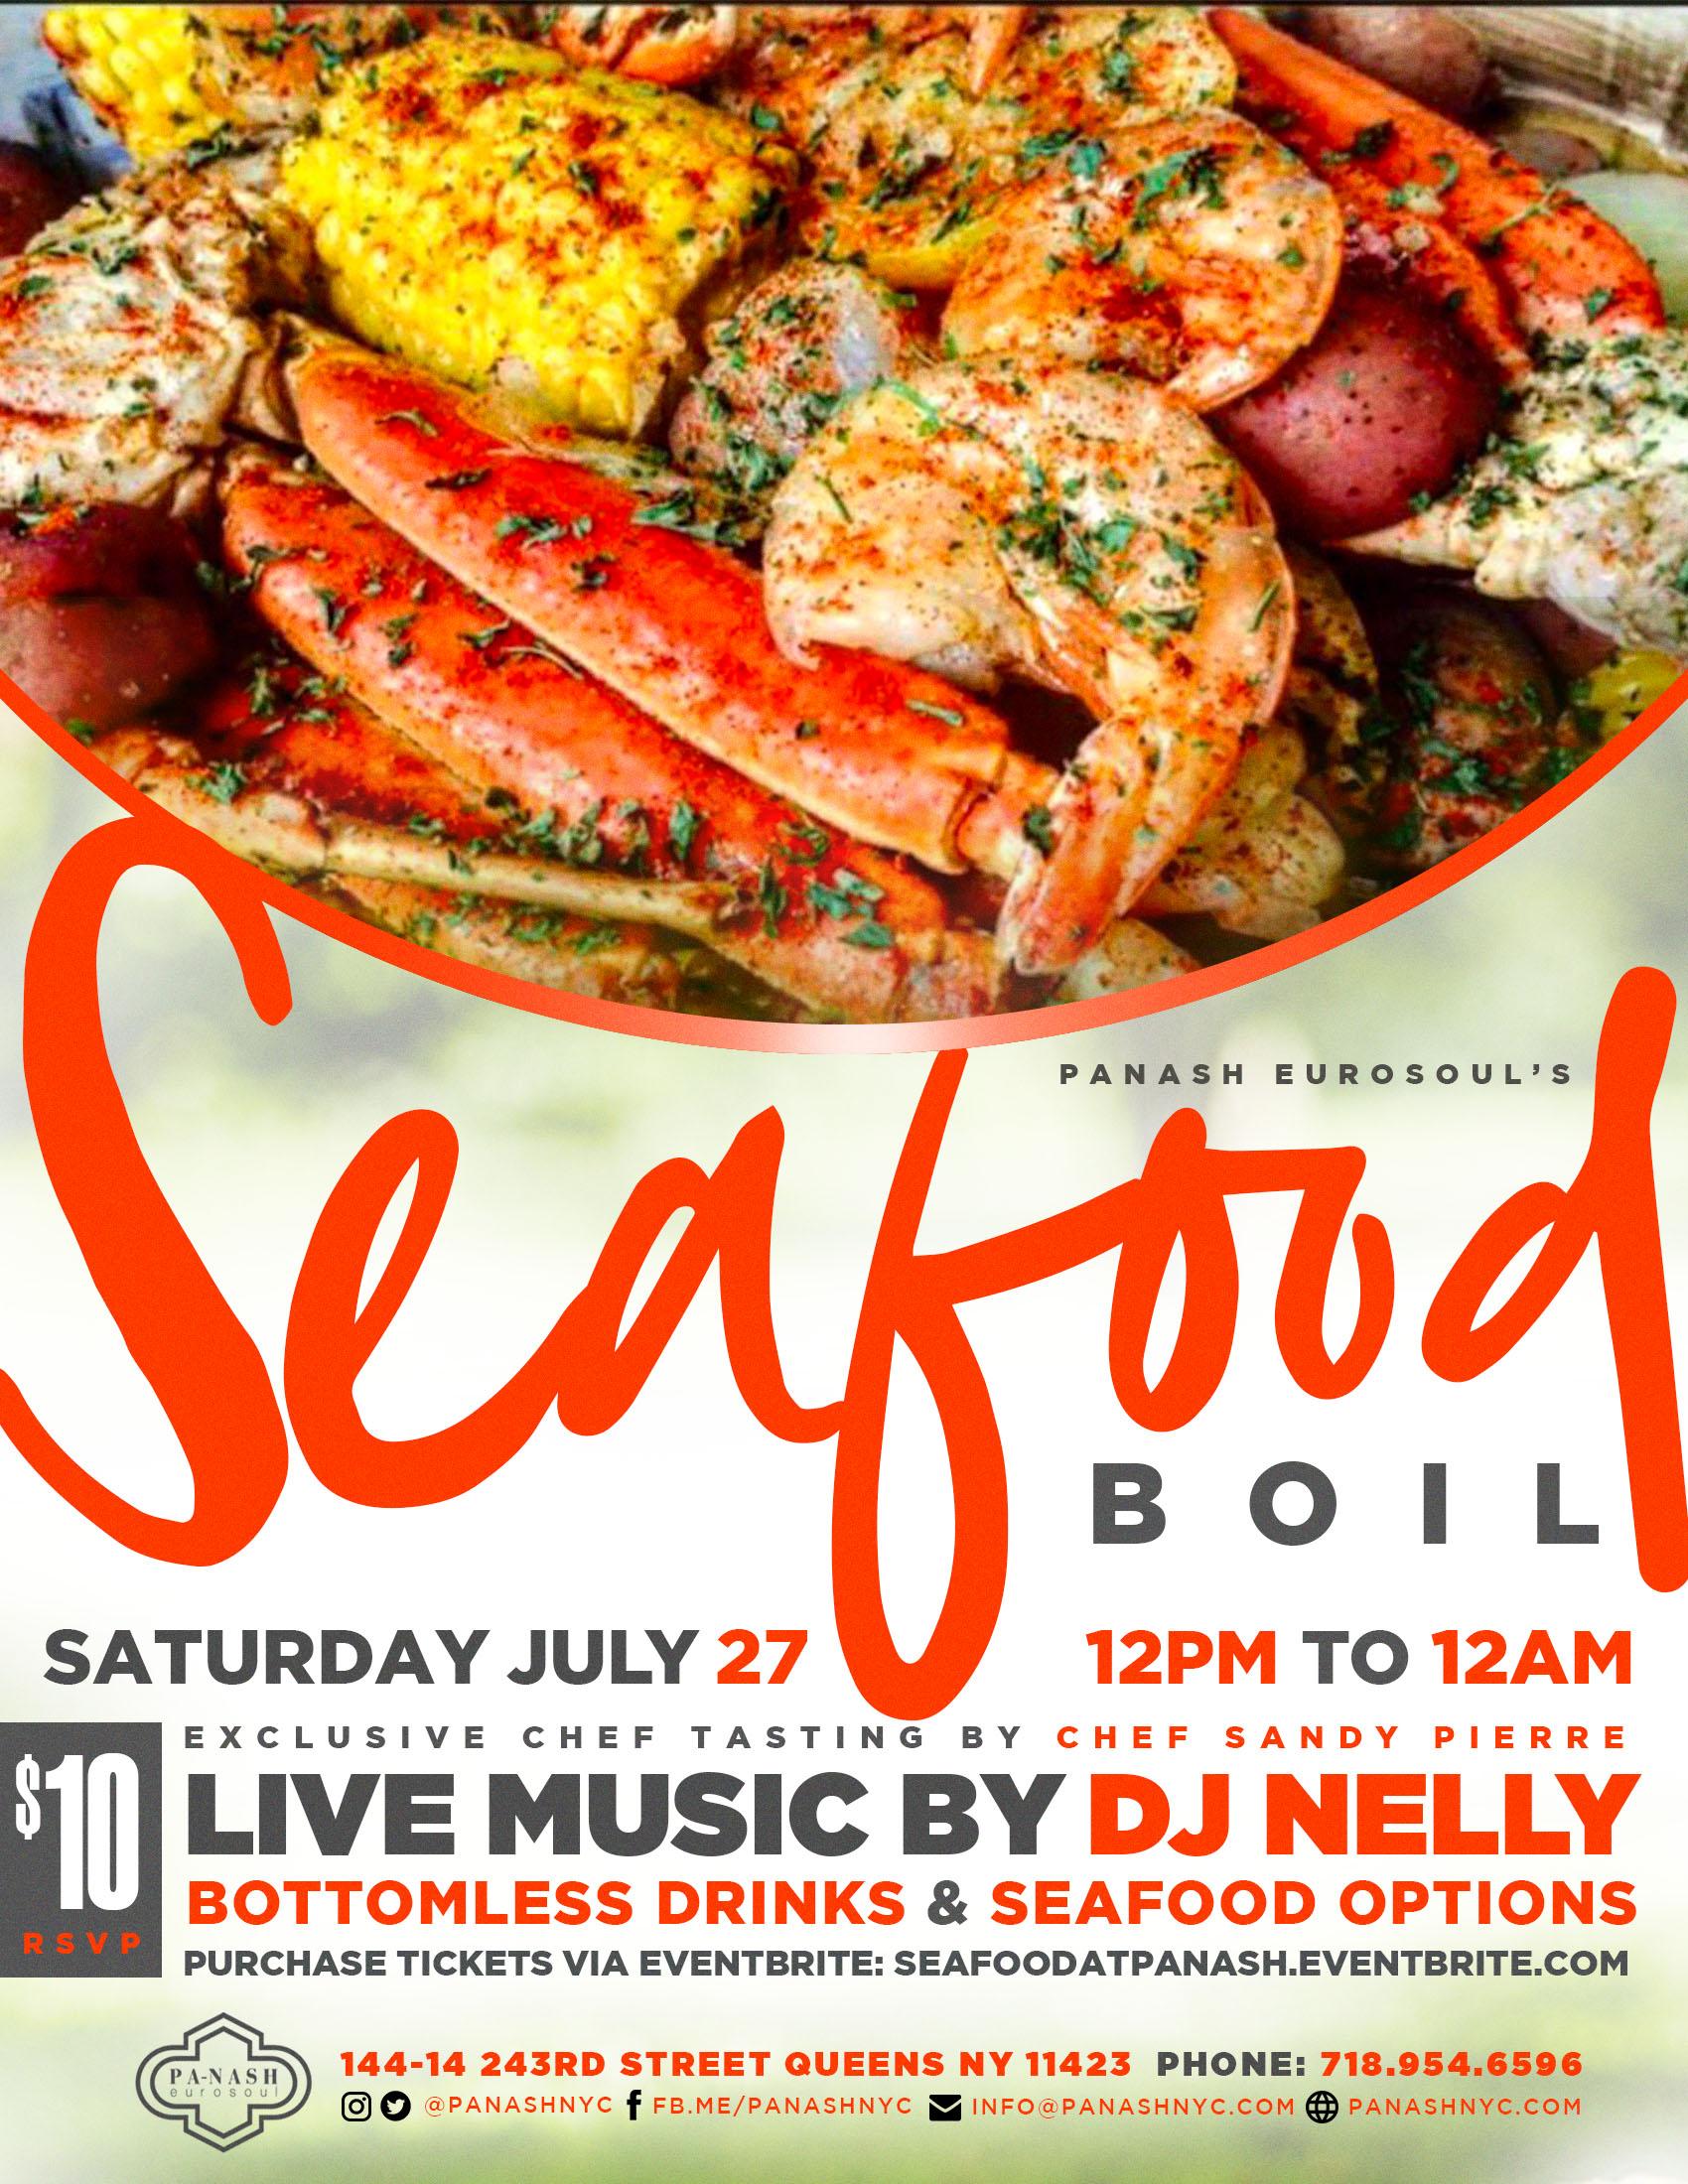 Seafood Boil Flyer